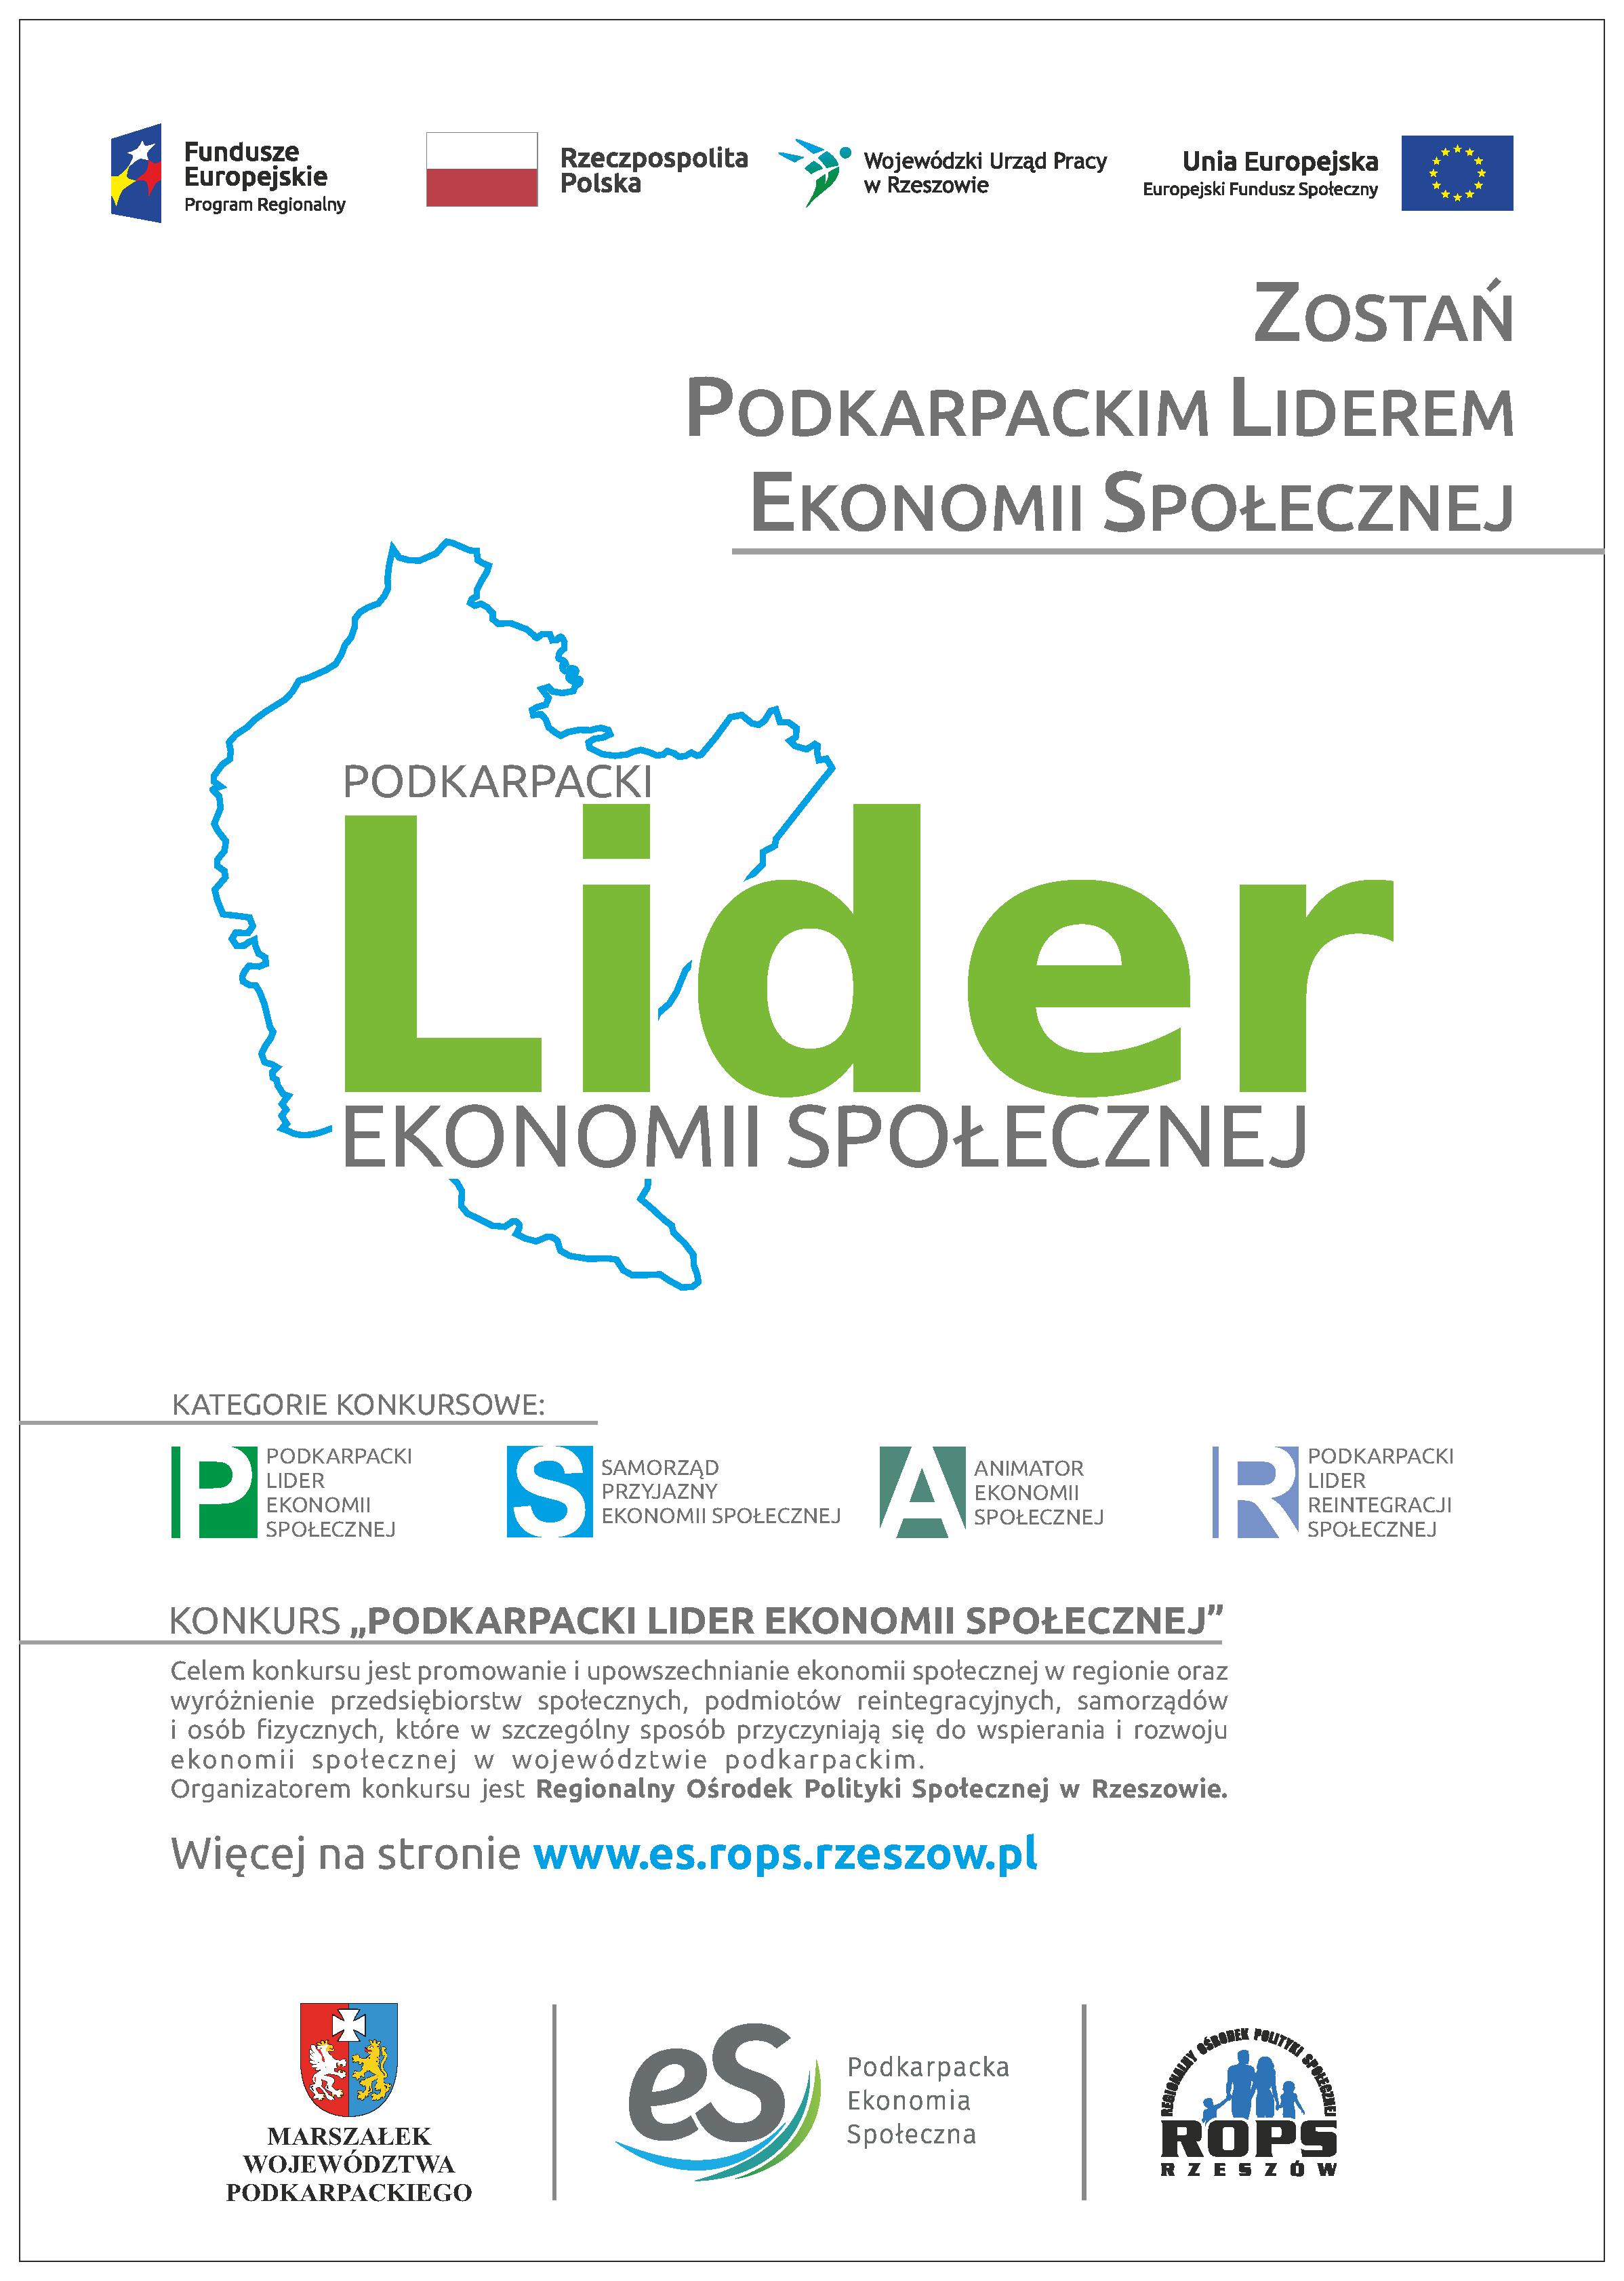 Plakat informujący o konkursie Podkarpacki Lider Ekonomii Społecznej